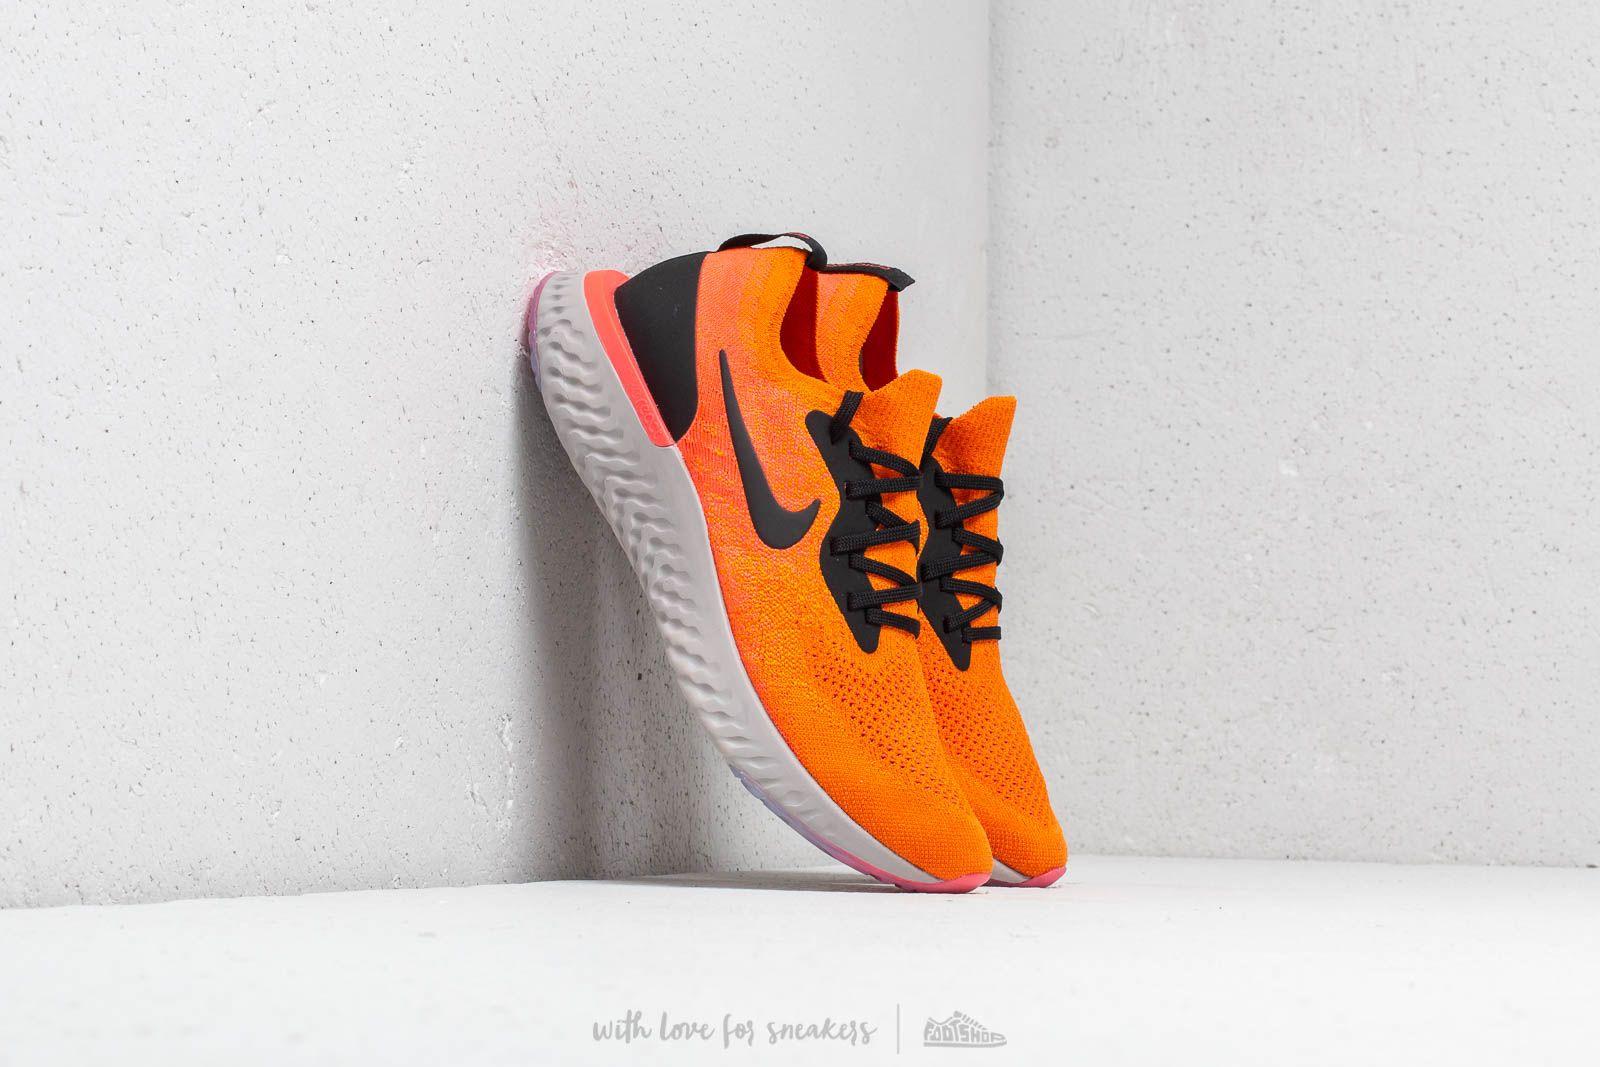 Pánské tenisky a boty Nike Epic React Flyknit Copper Flash/ Black